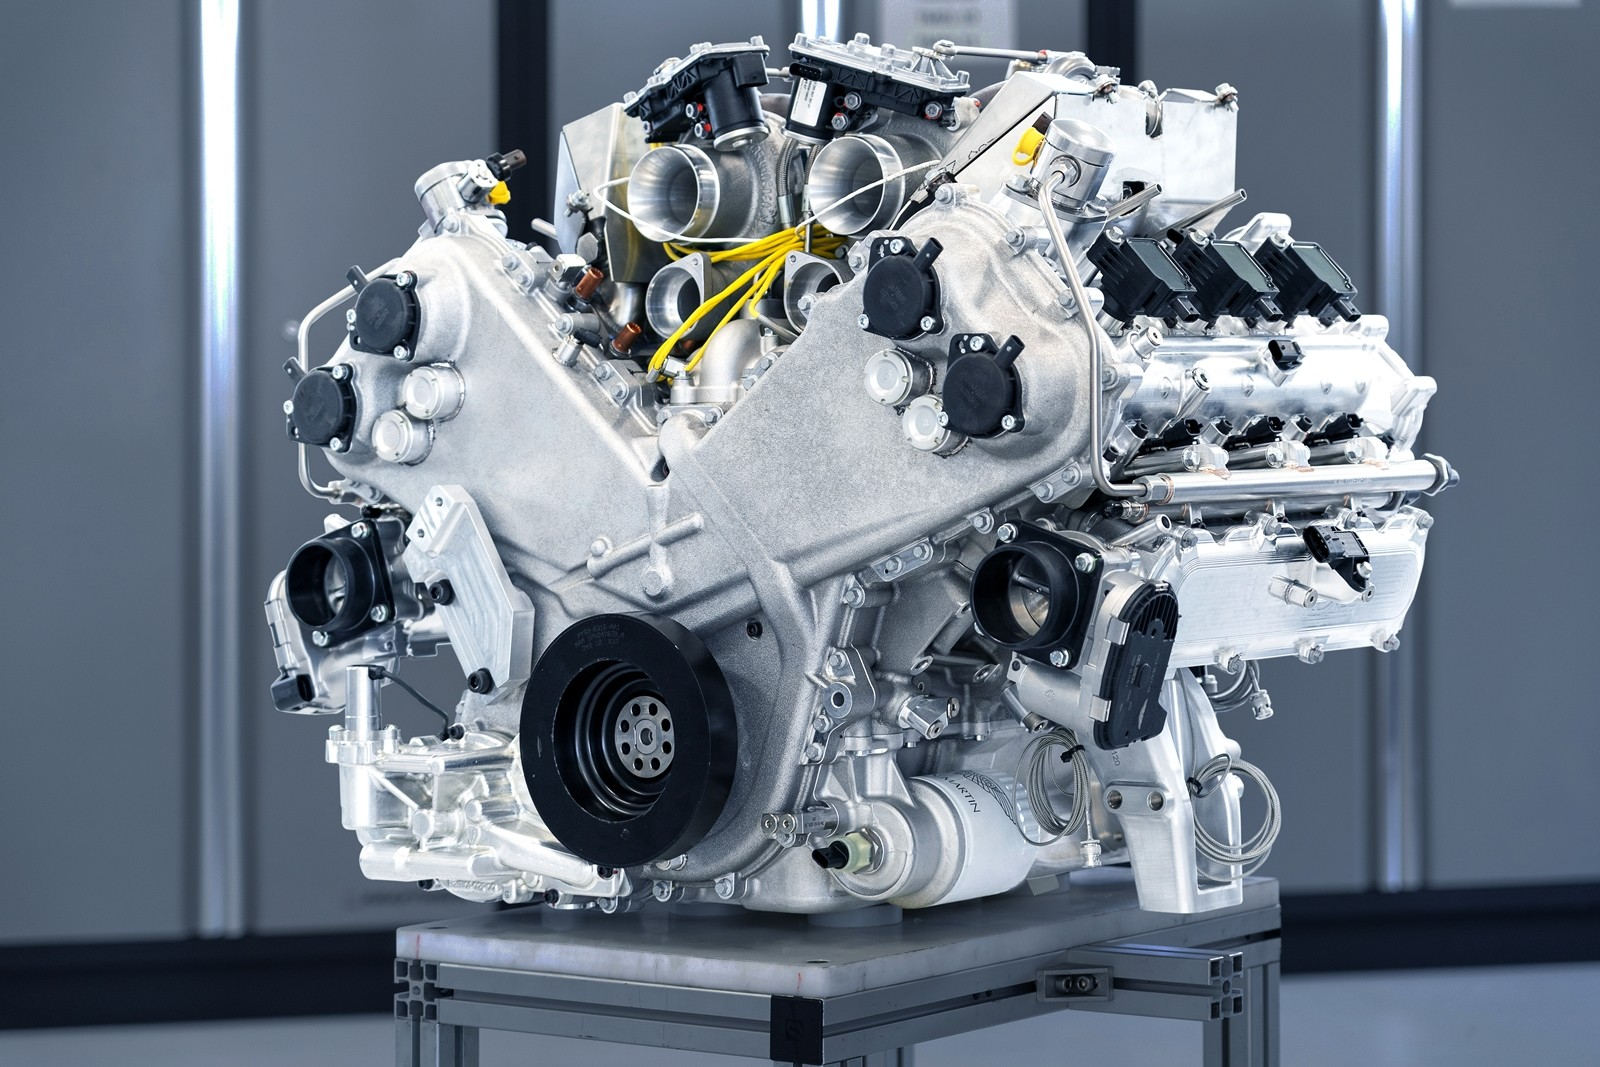 Aston Martin 3.0 V6 biturbo